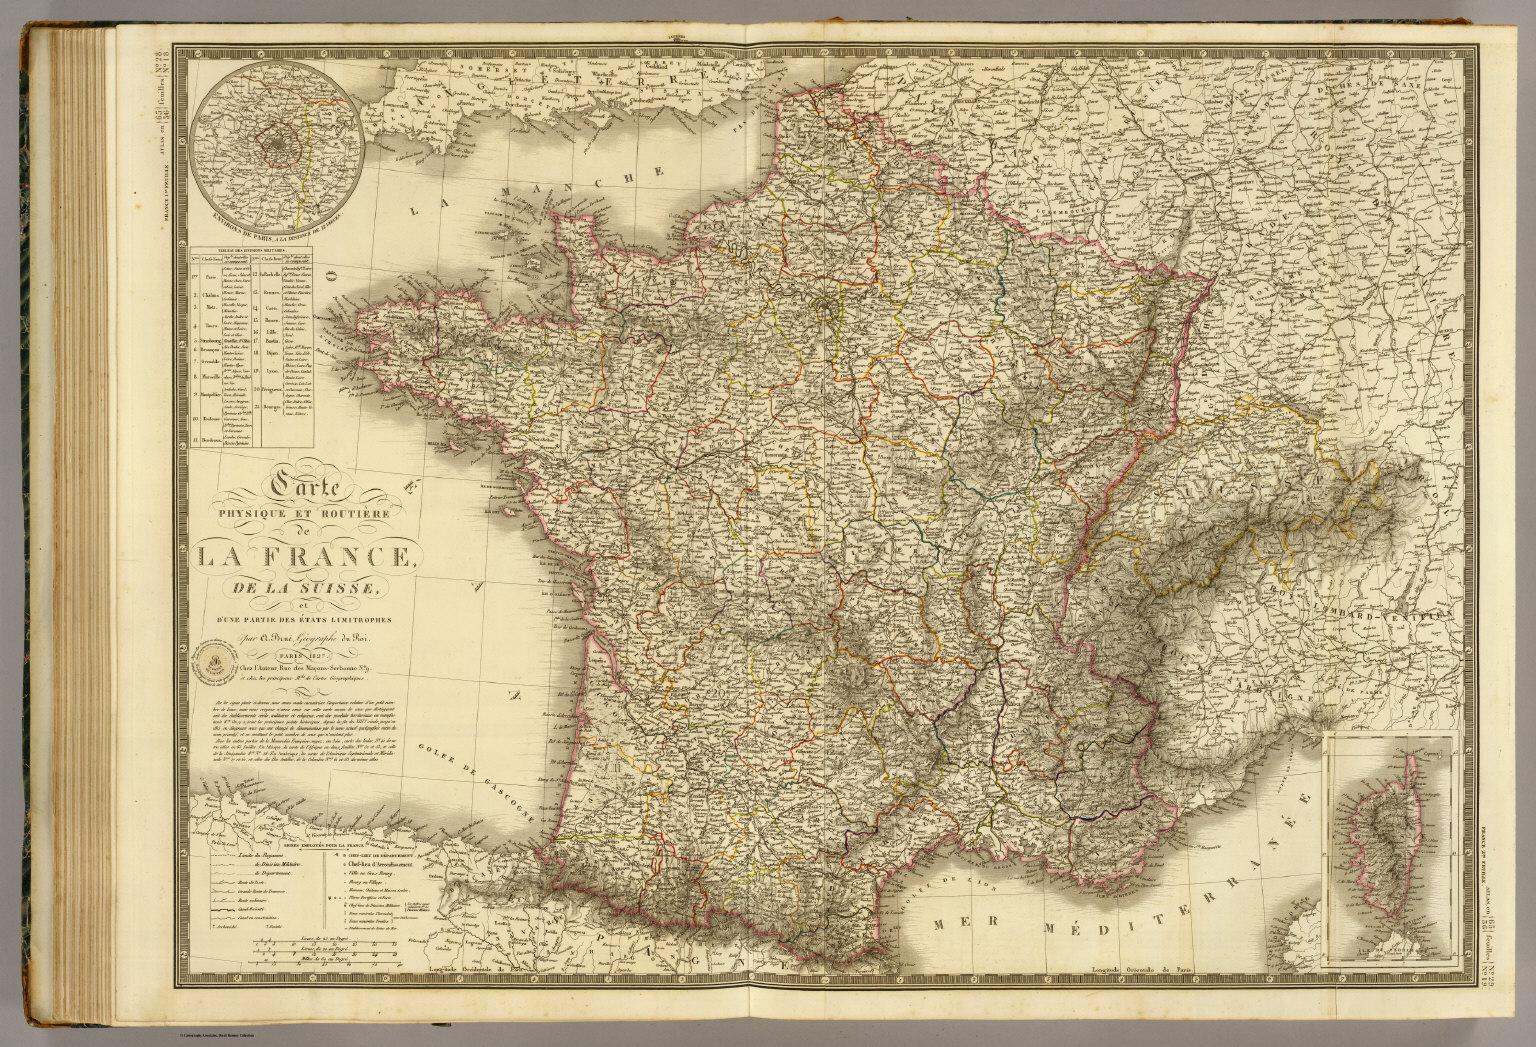 Carte physique et routiere de la France, de la Suisse.   David